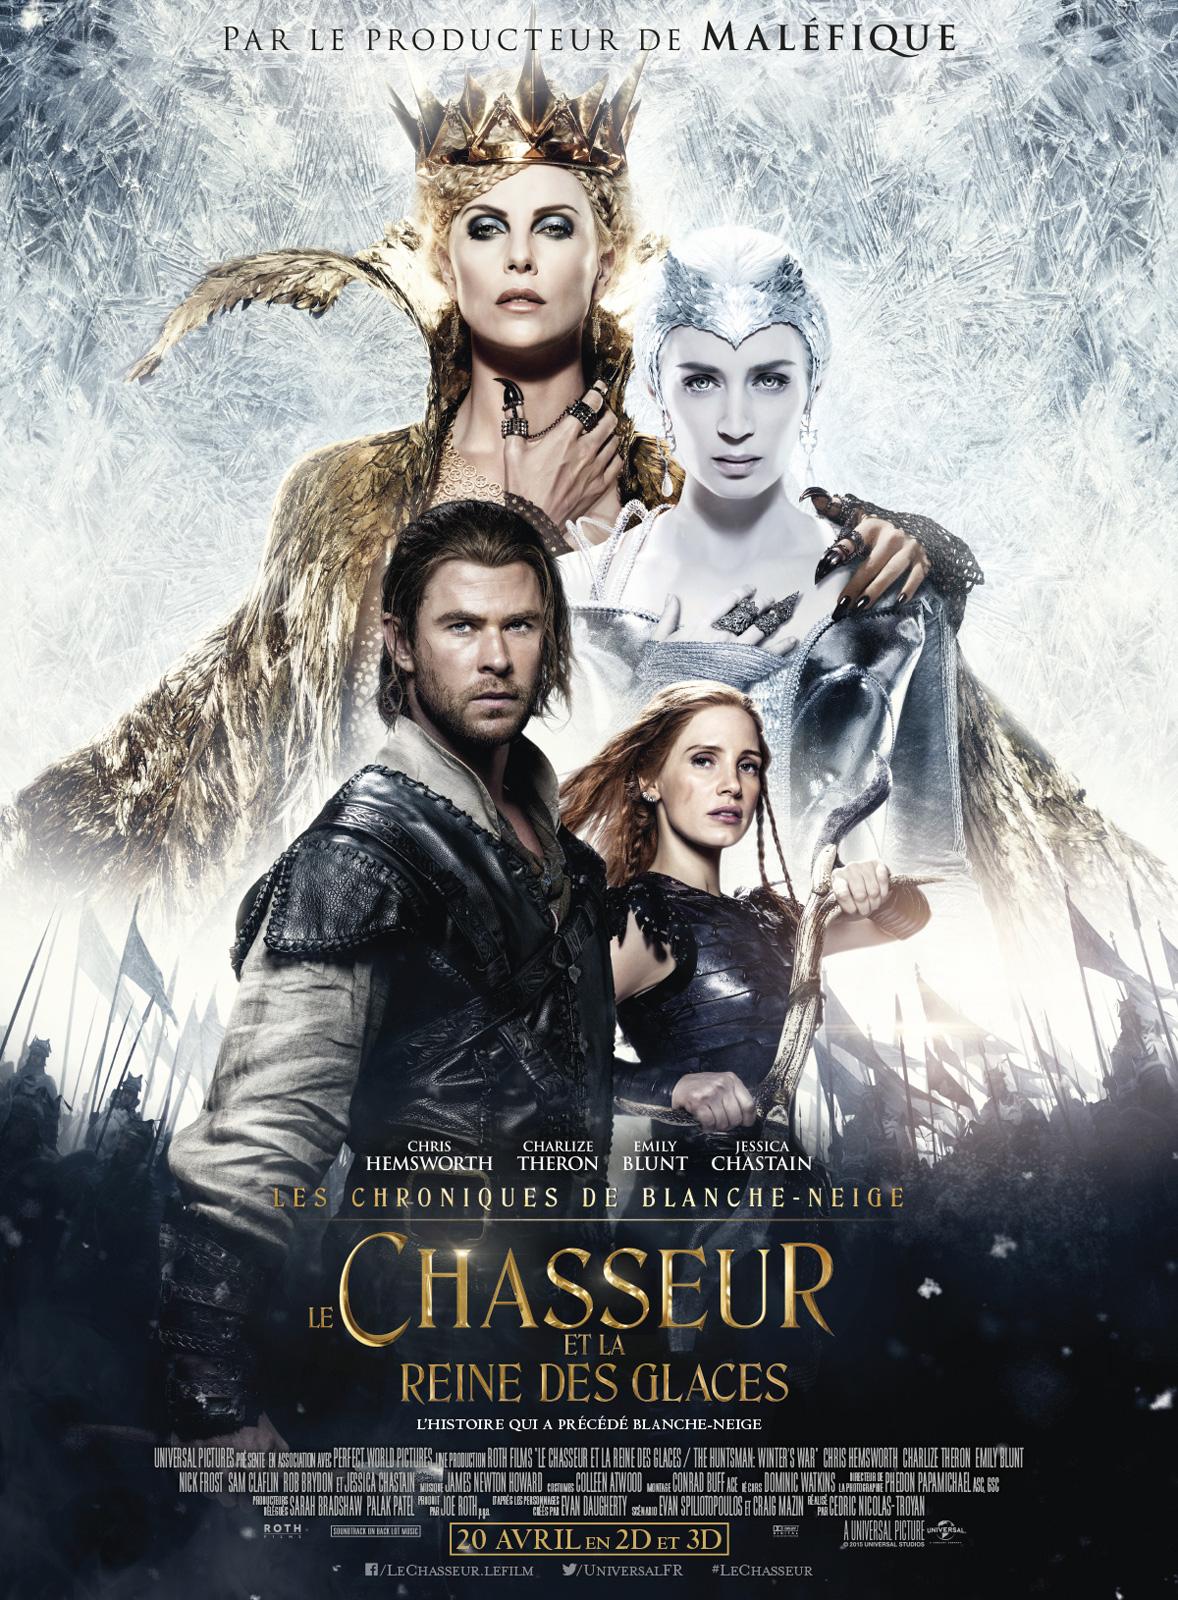 Le Chasseur et la reine des glaces ddl